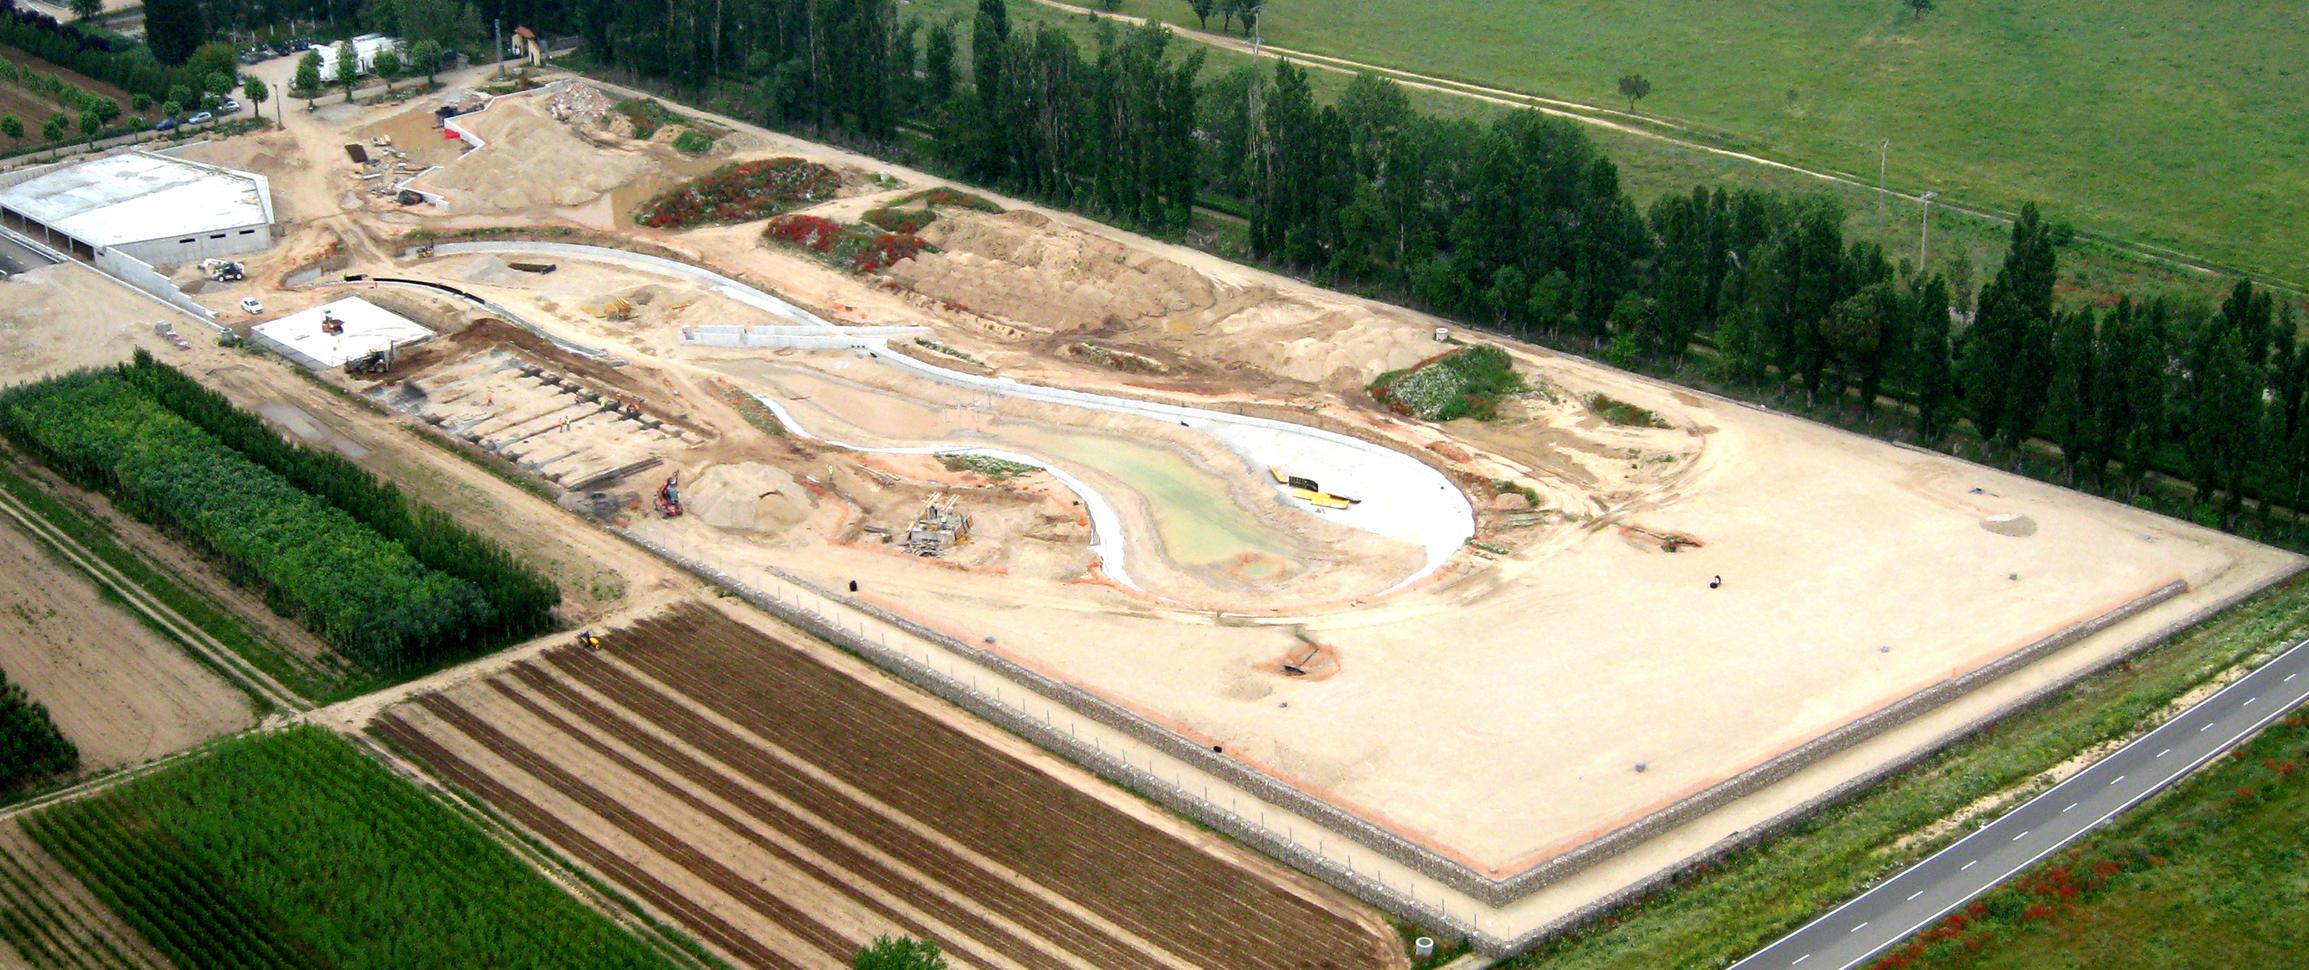 Imagen aérea del Parque en fase de construcción